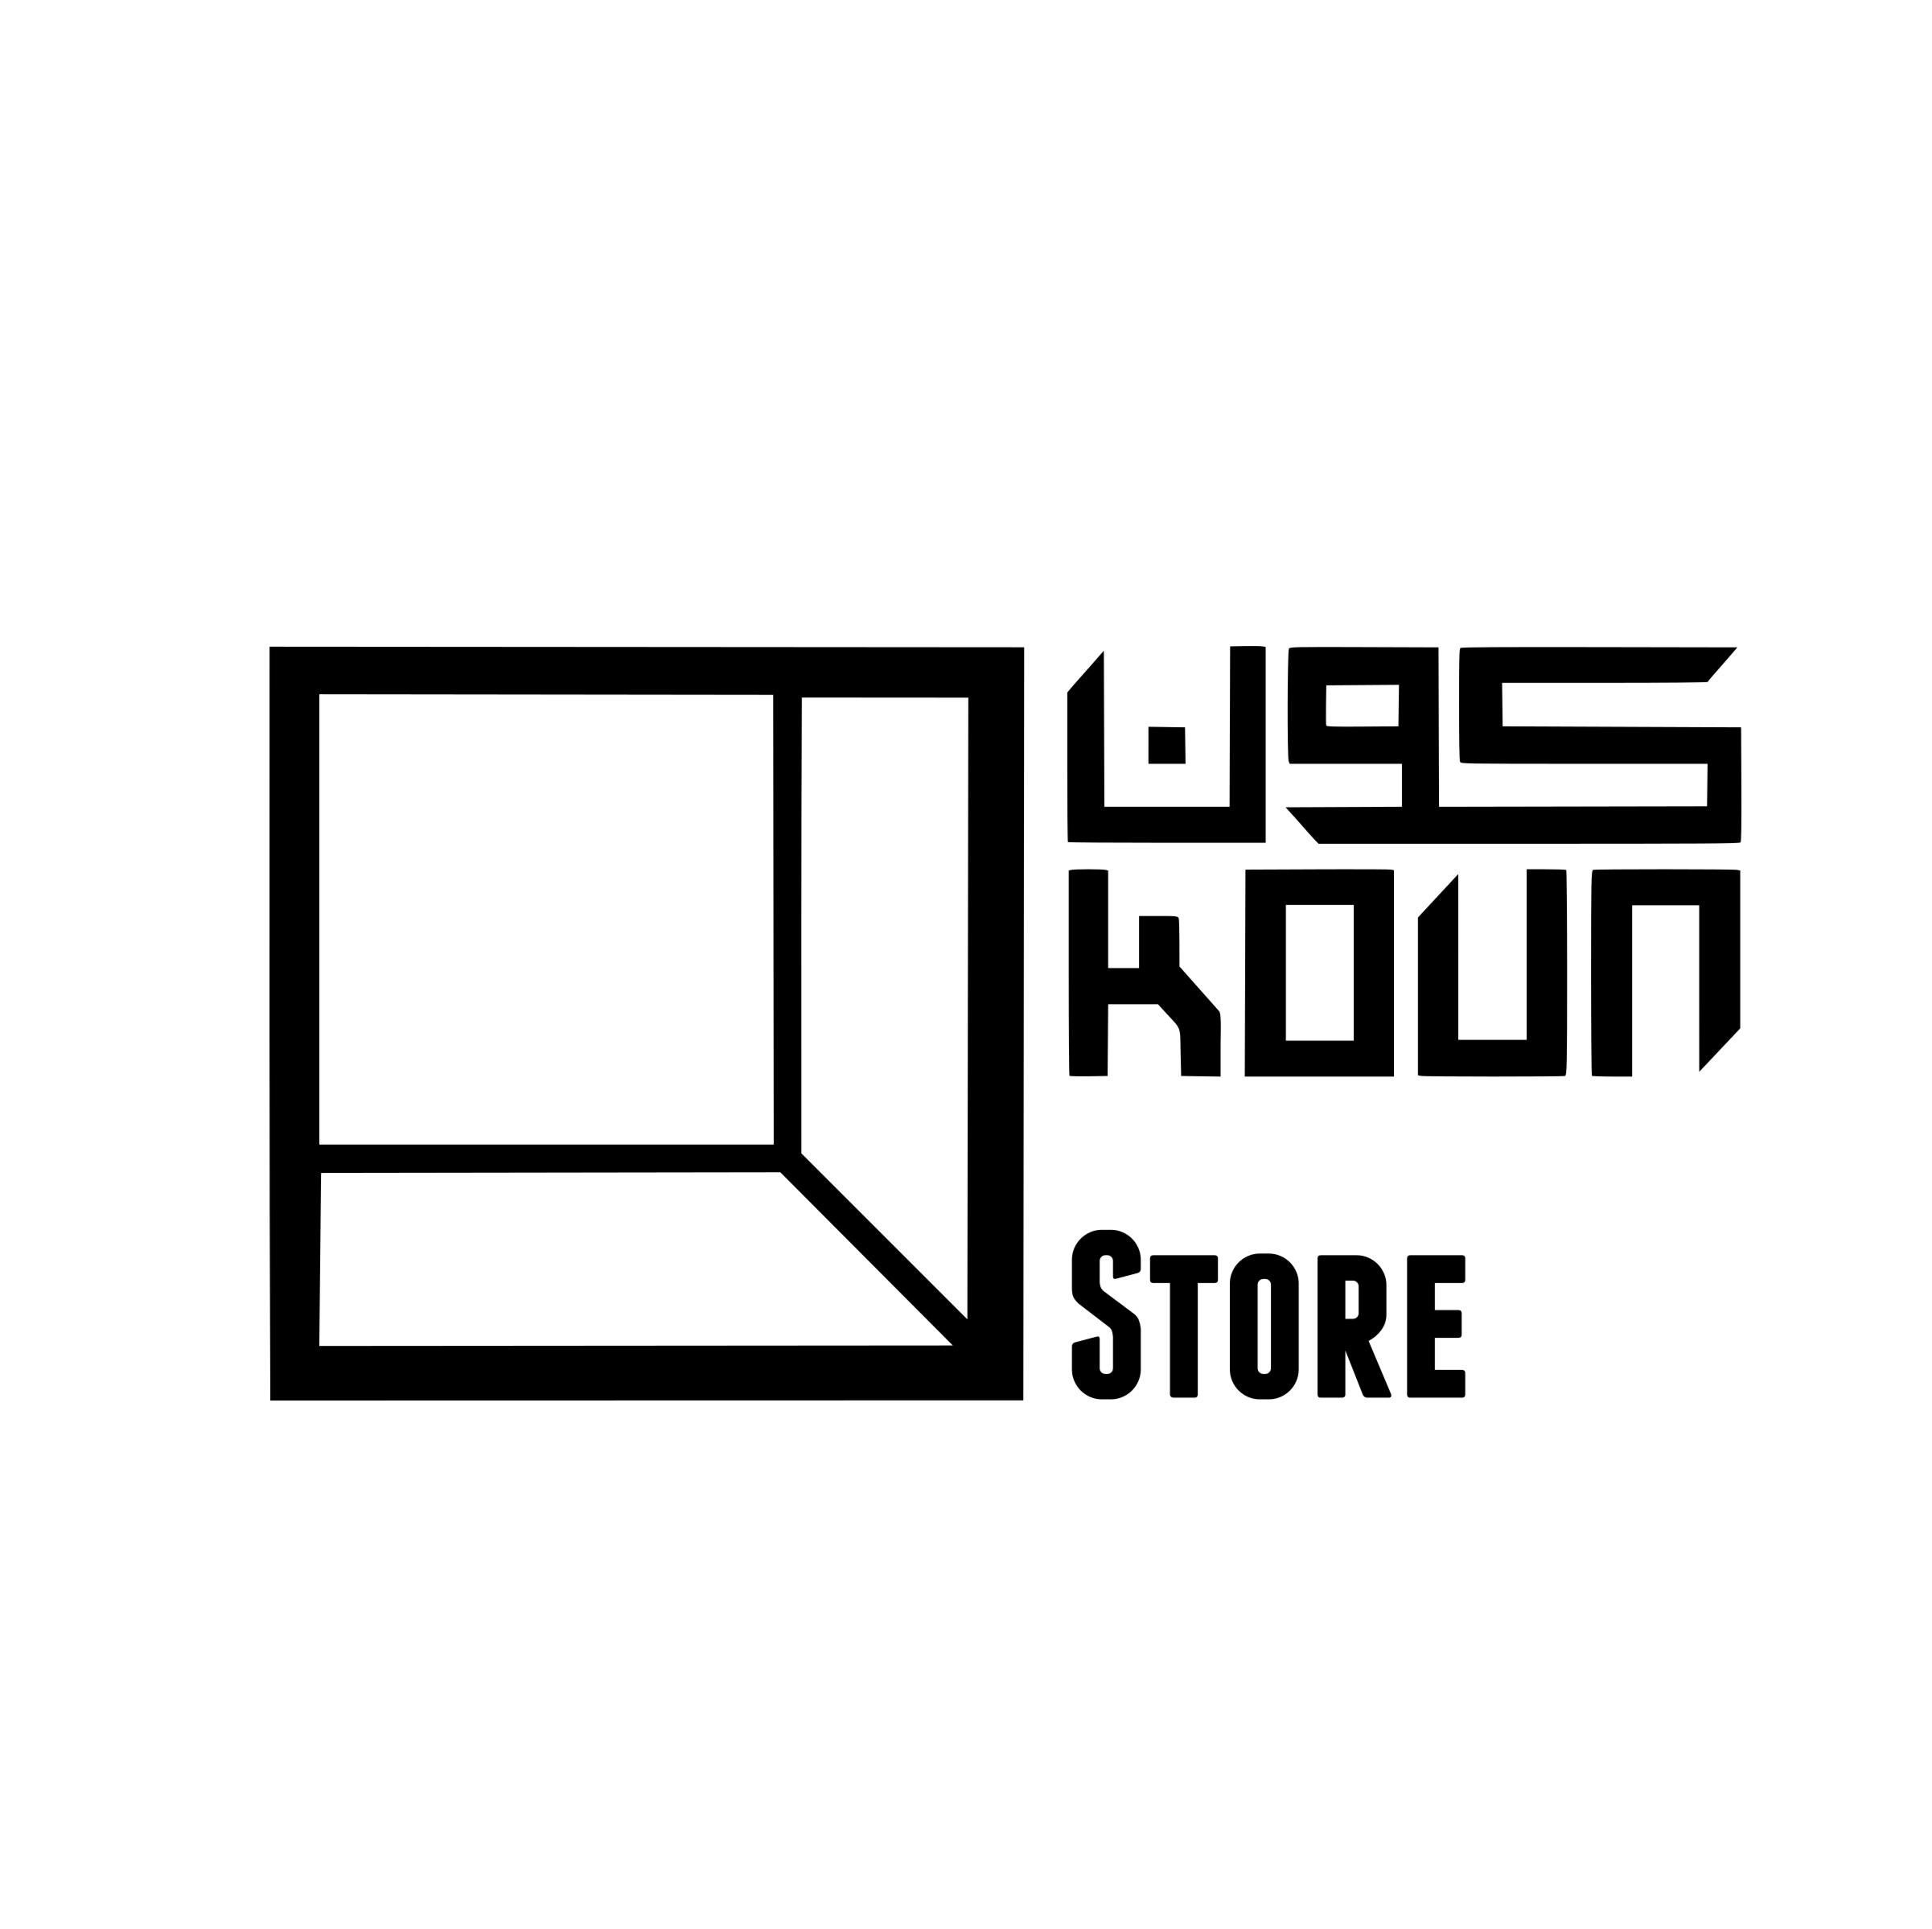 koun Store